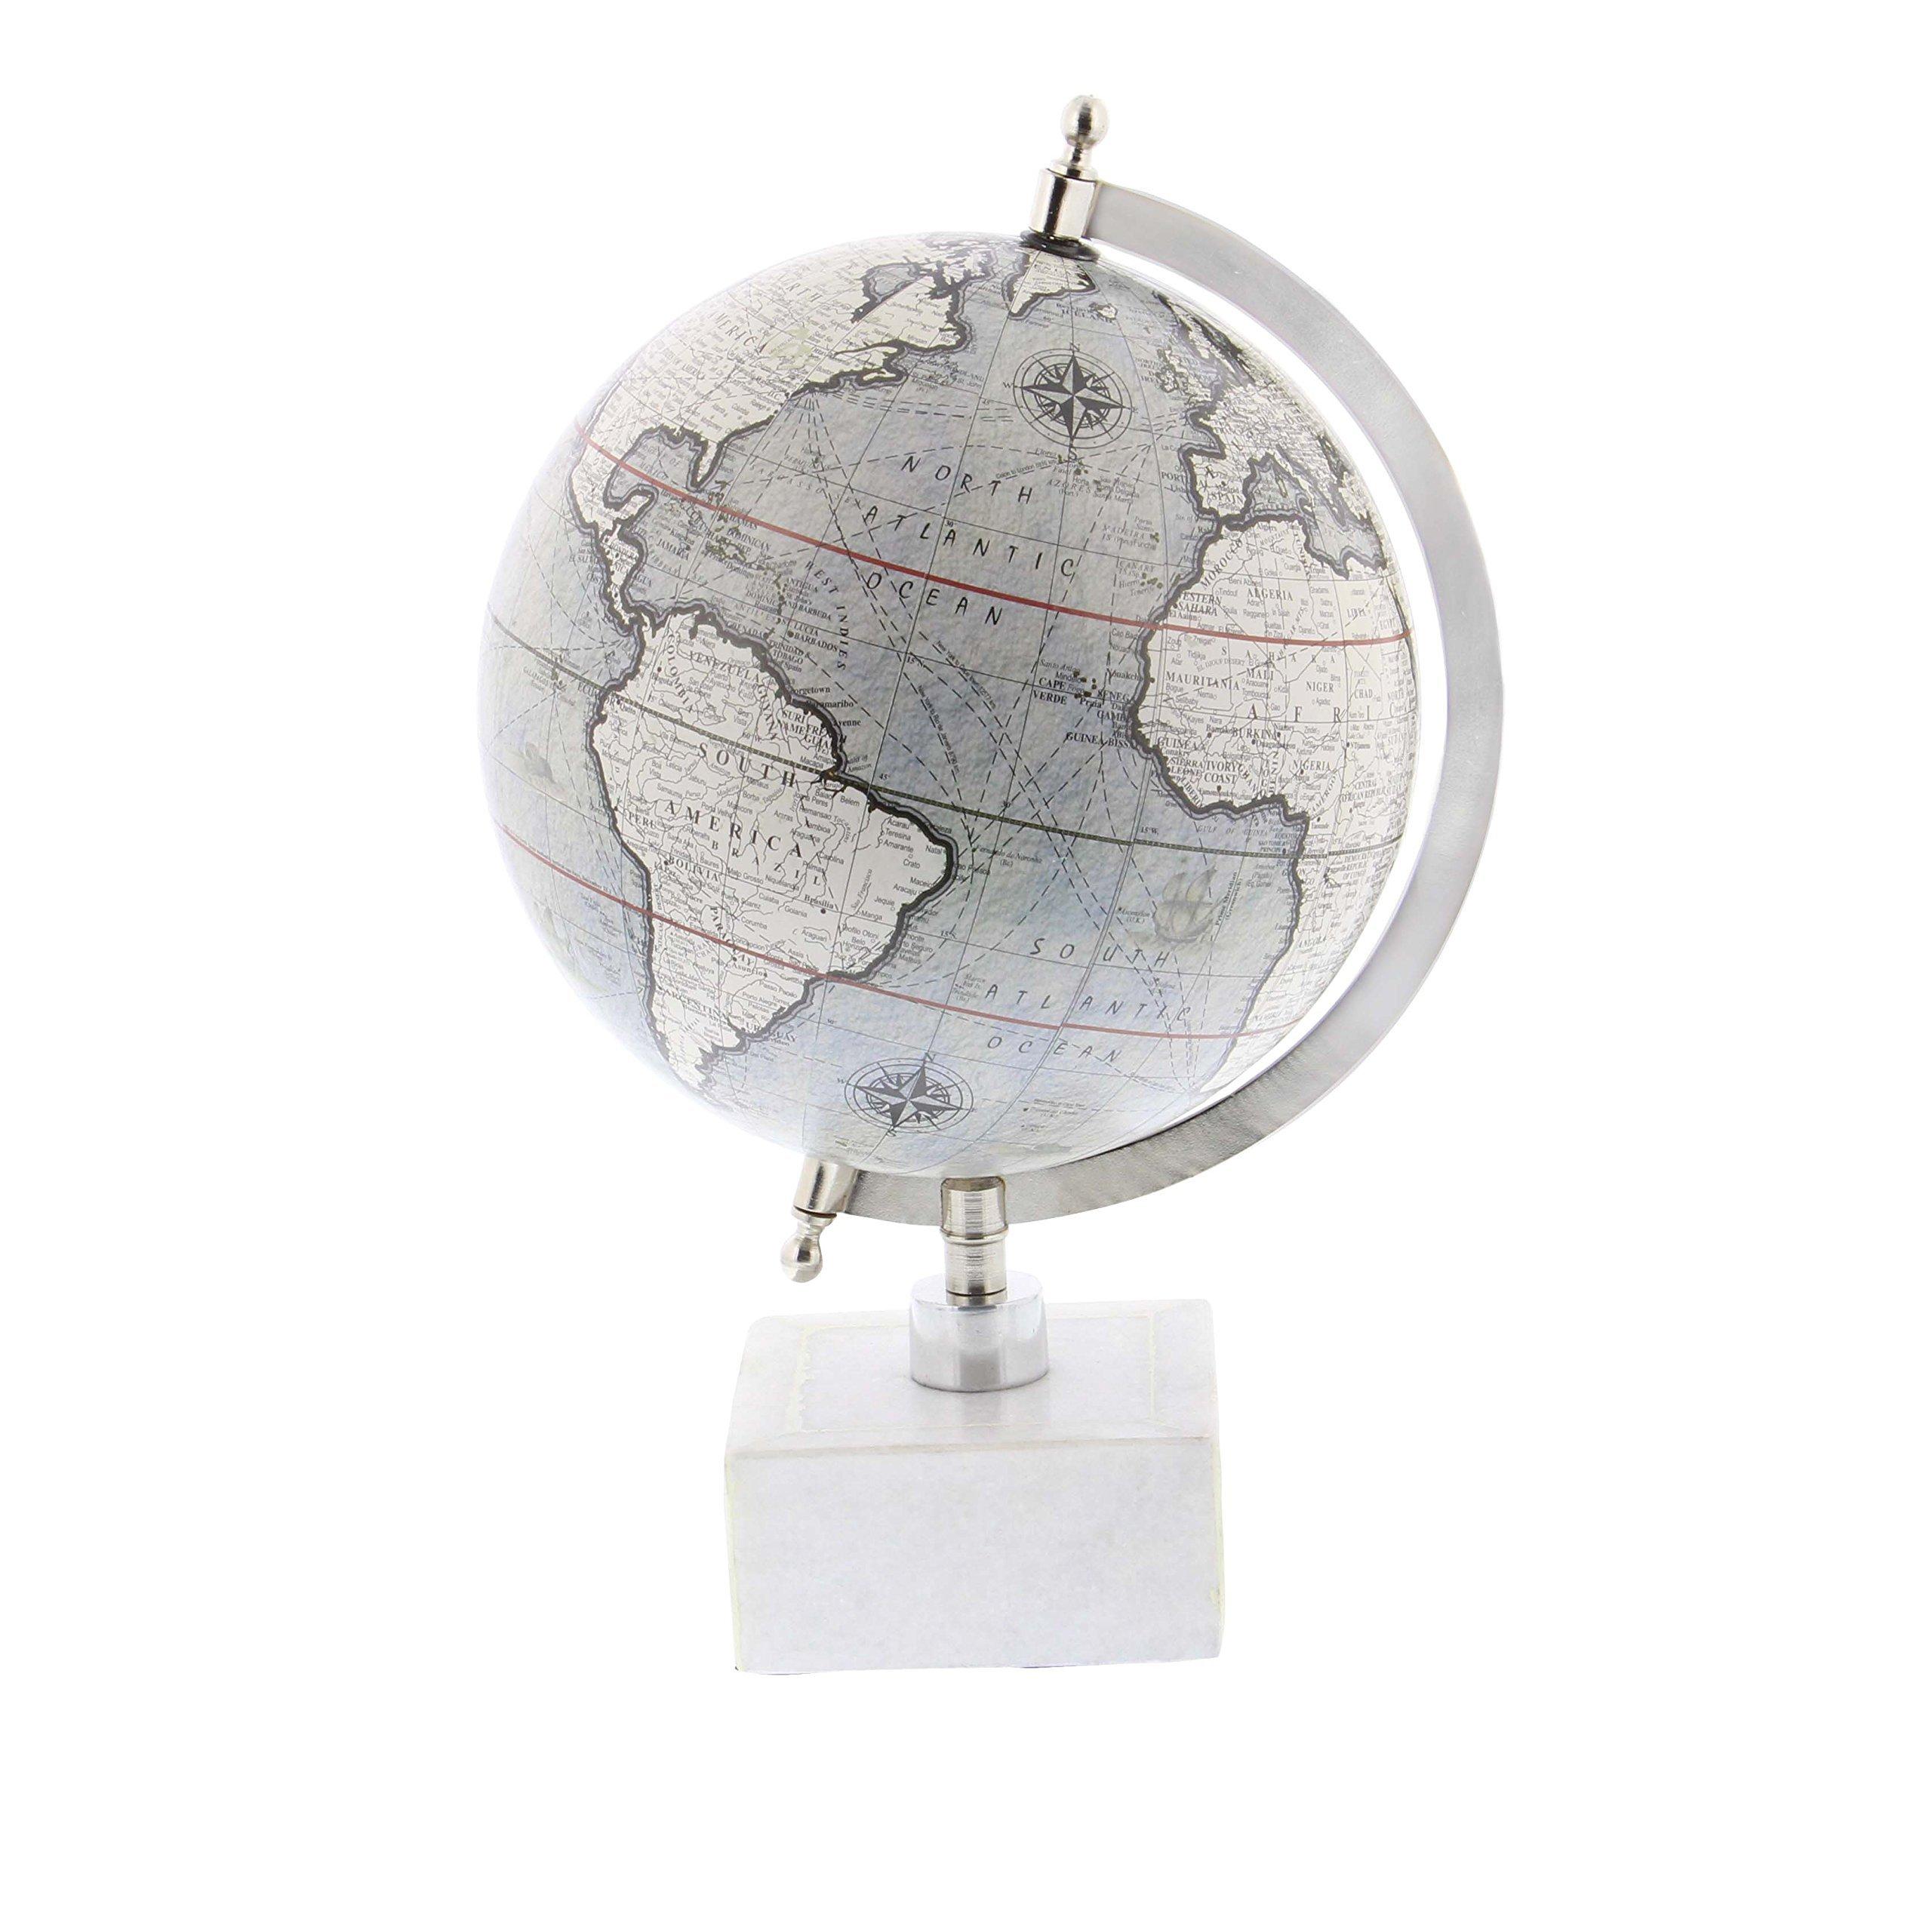 Deco 79 28546 Matte Decorative Globe with Iron Ceramic Stand, 13'' x 9'', Silver/Gray/White